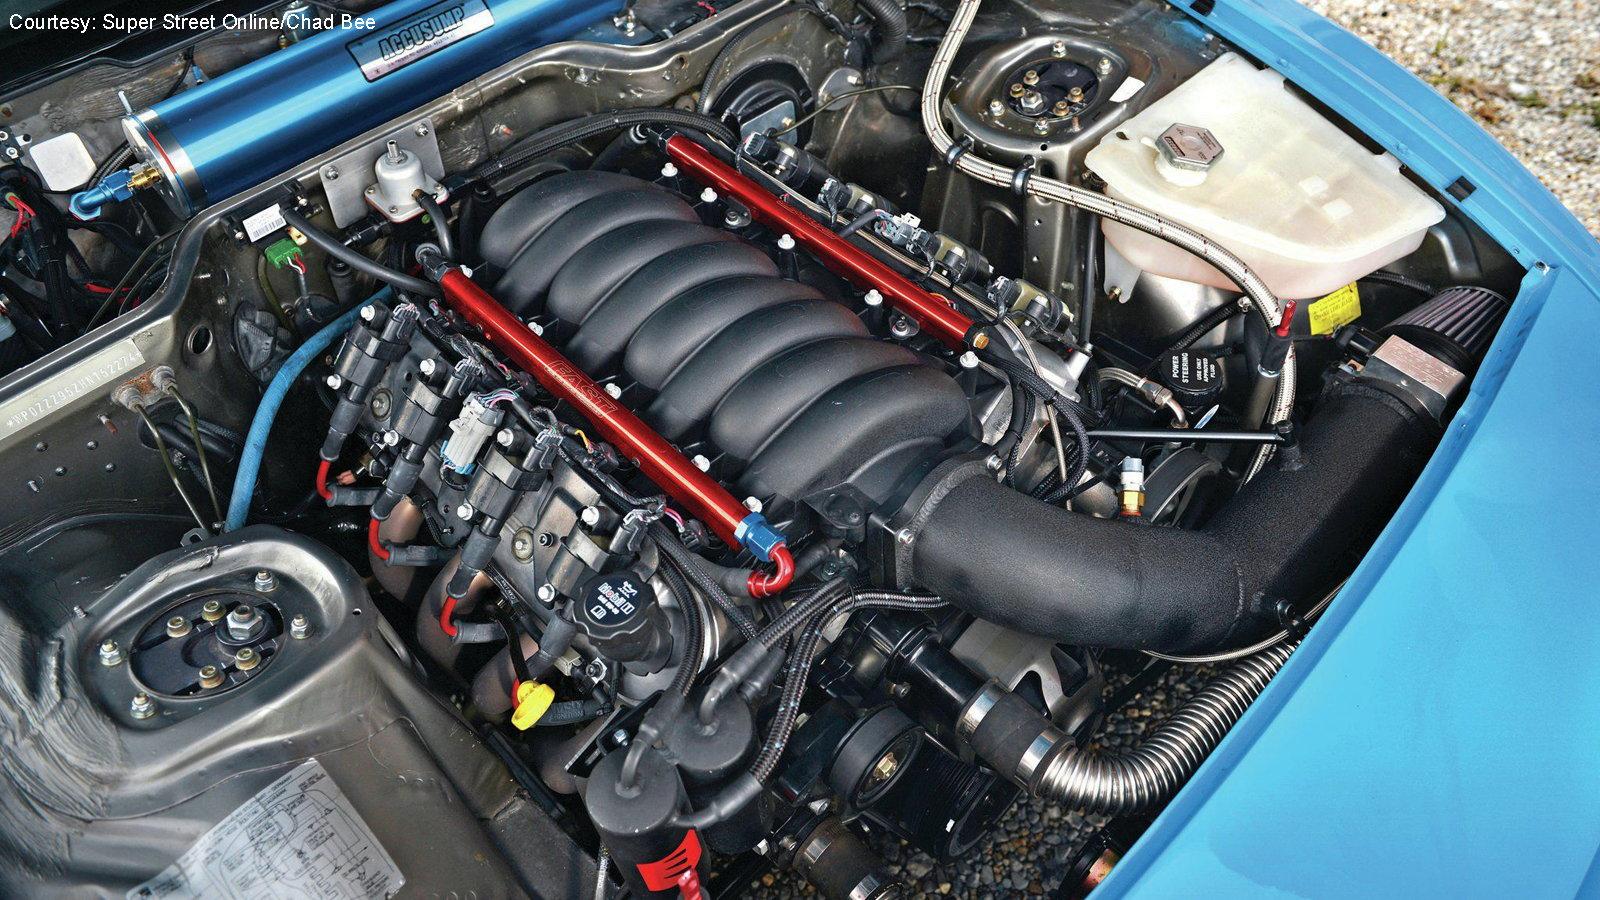 944 un turbo ls swap rennlist rh rennlist com Porsche LS1 Swap Porsche 944 Swap